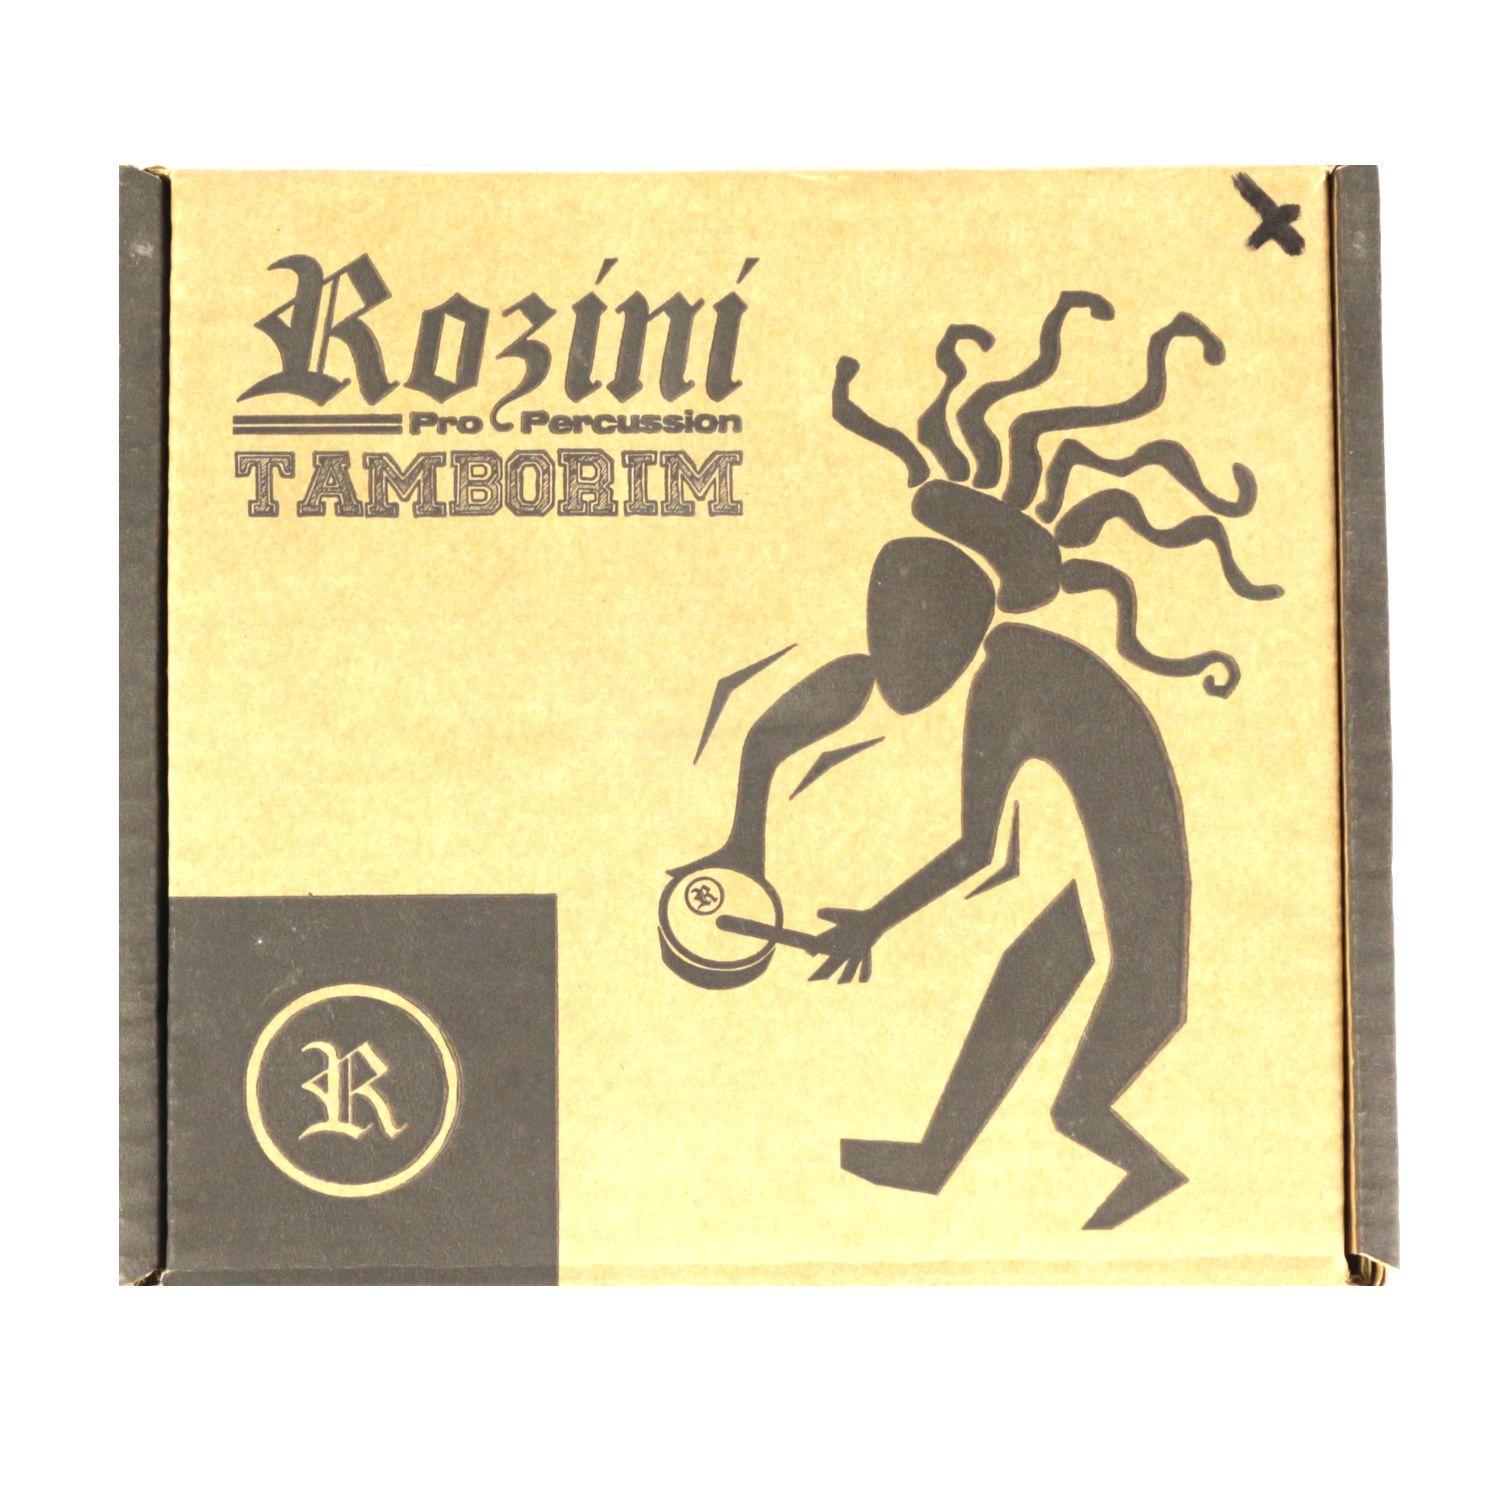 Tamborim Rozini 06 ARO em Madeirira de 5,5 CM e Pele Leitosa RPTM55